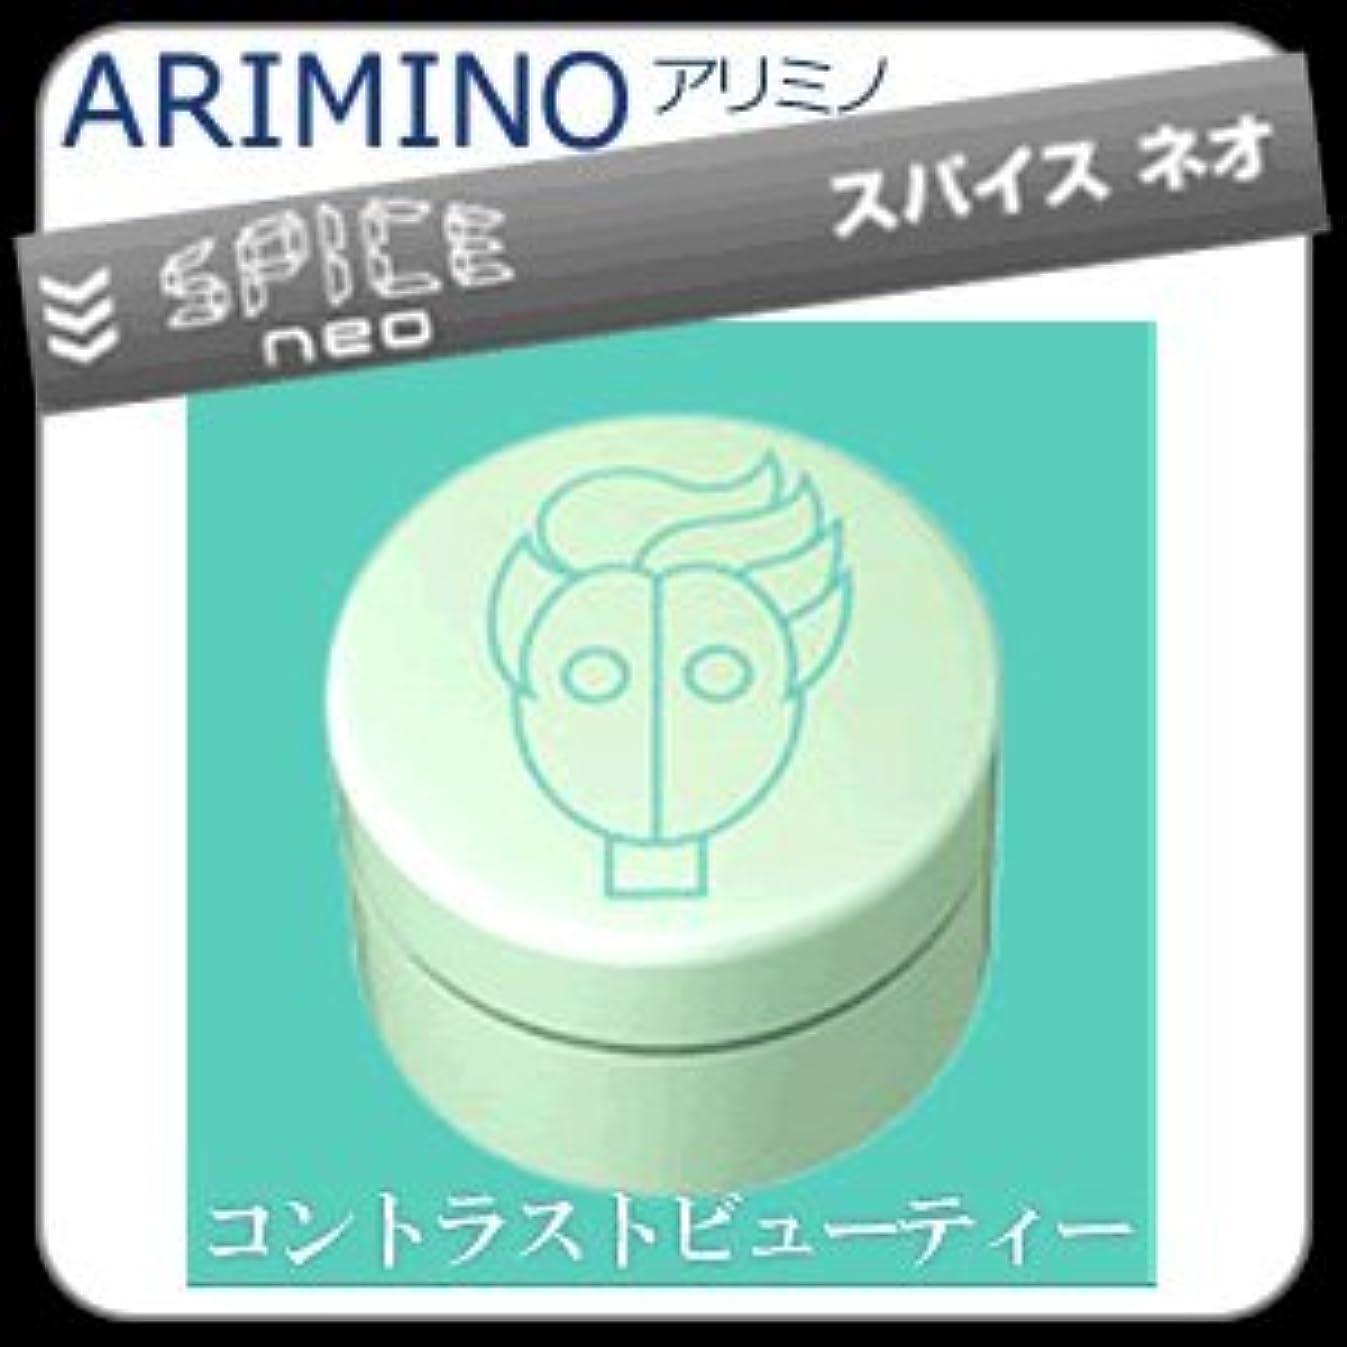 熱緩む感性【X2個セット】 アリミノ スパイスネオ GREASE-WAX グリースワックス 100g ARIMINO SPICE neo